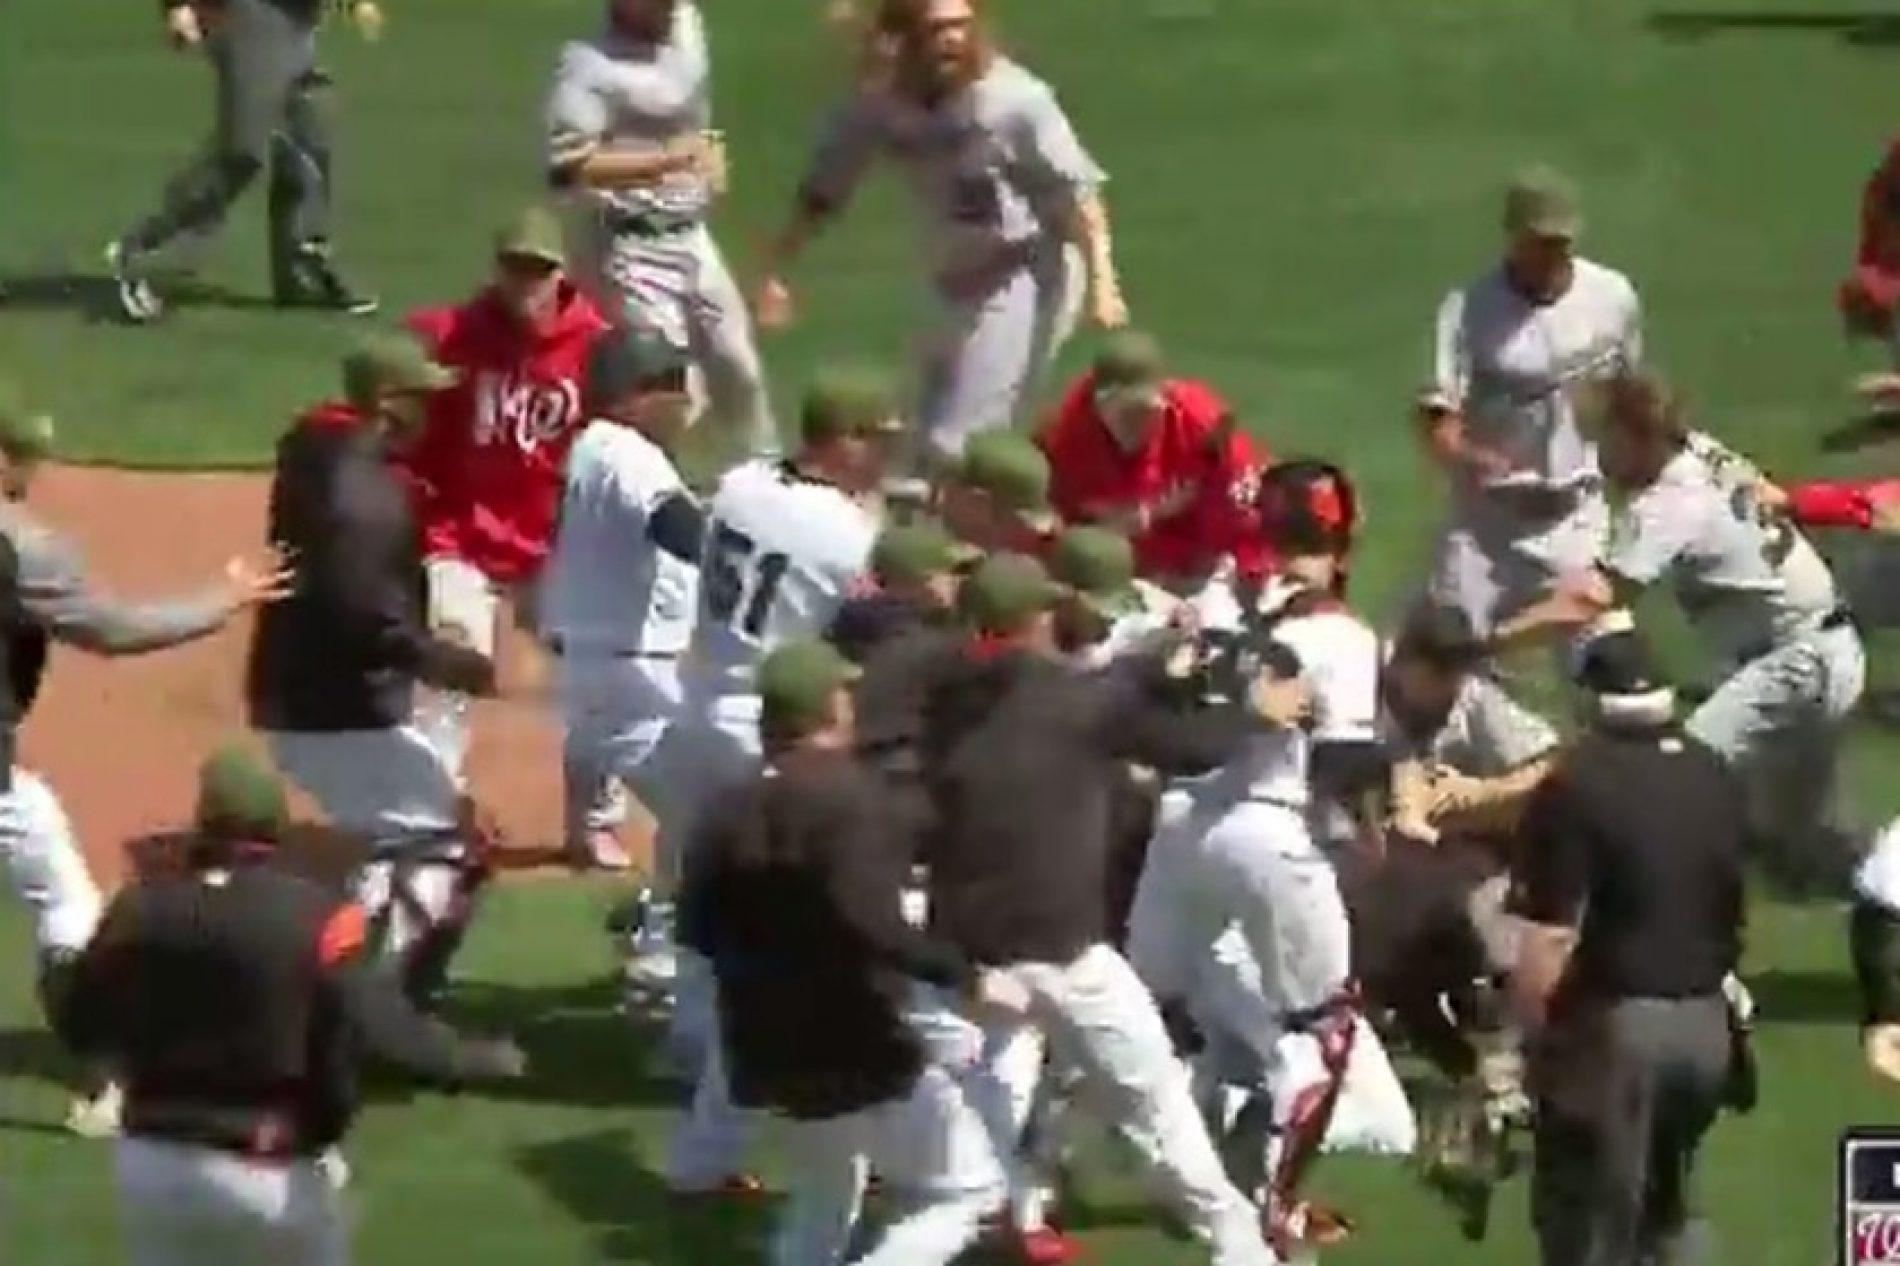 Vídeo: partida de beisebol nos EUA tem briga generalizada após bolada